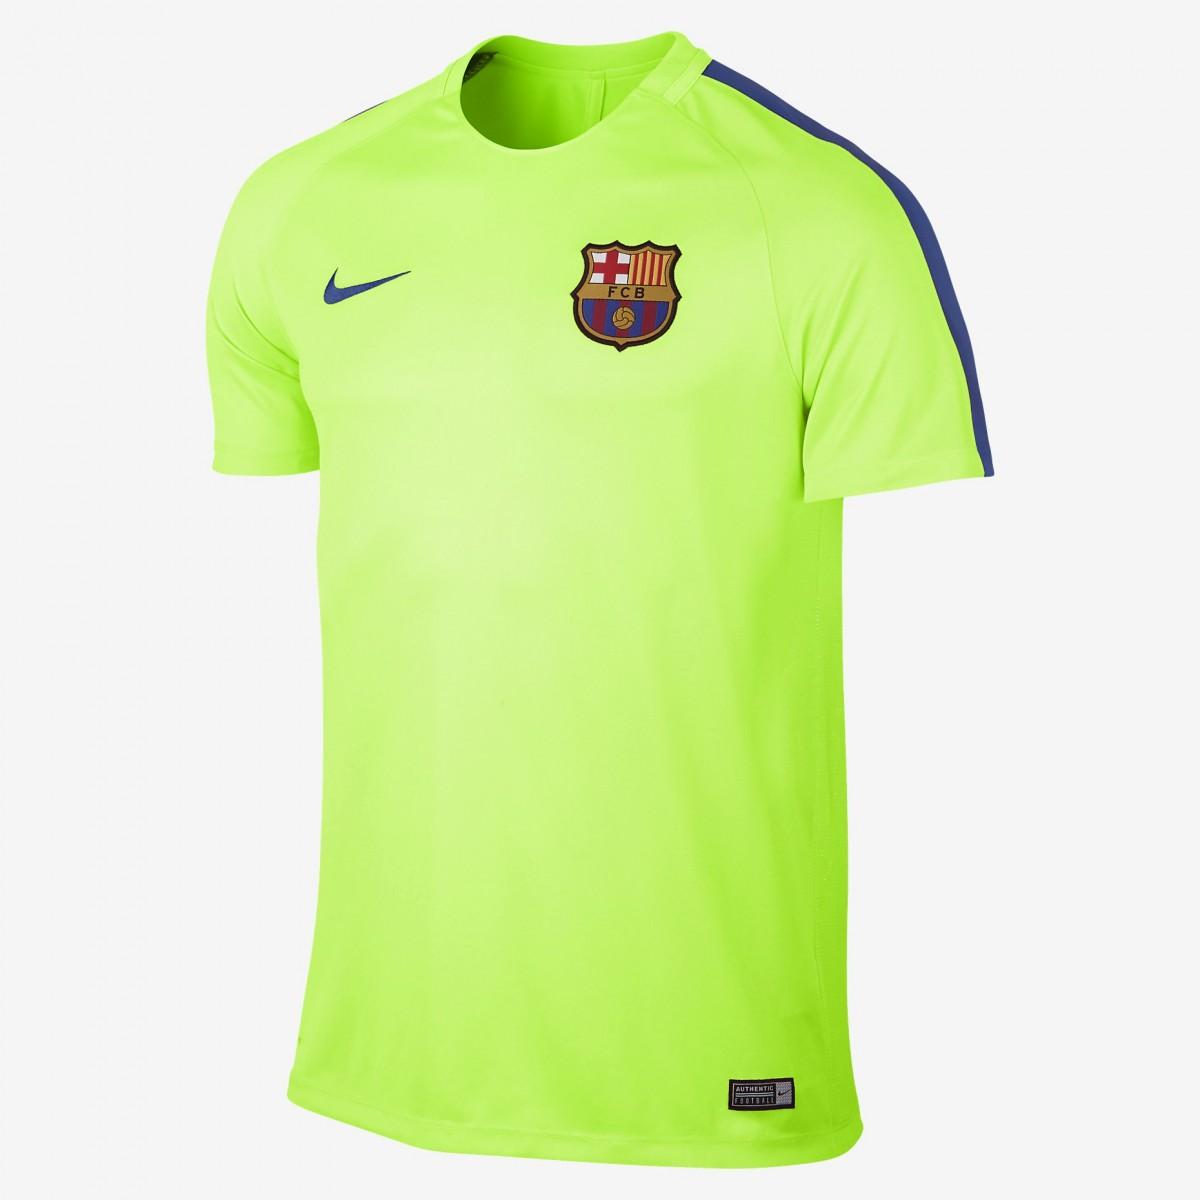 e4c95f5fc8 Camiseta Nike FC Barcelona Dry Squad 808924-369 - Verde Limão/Azul ...